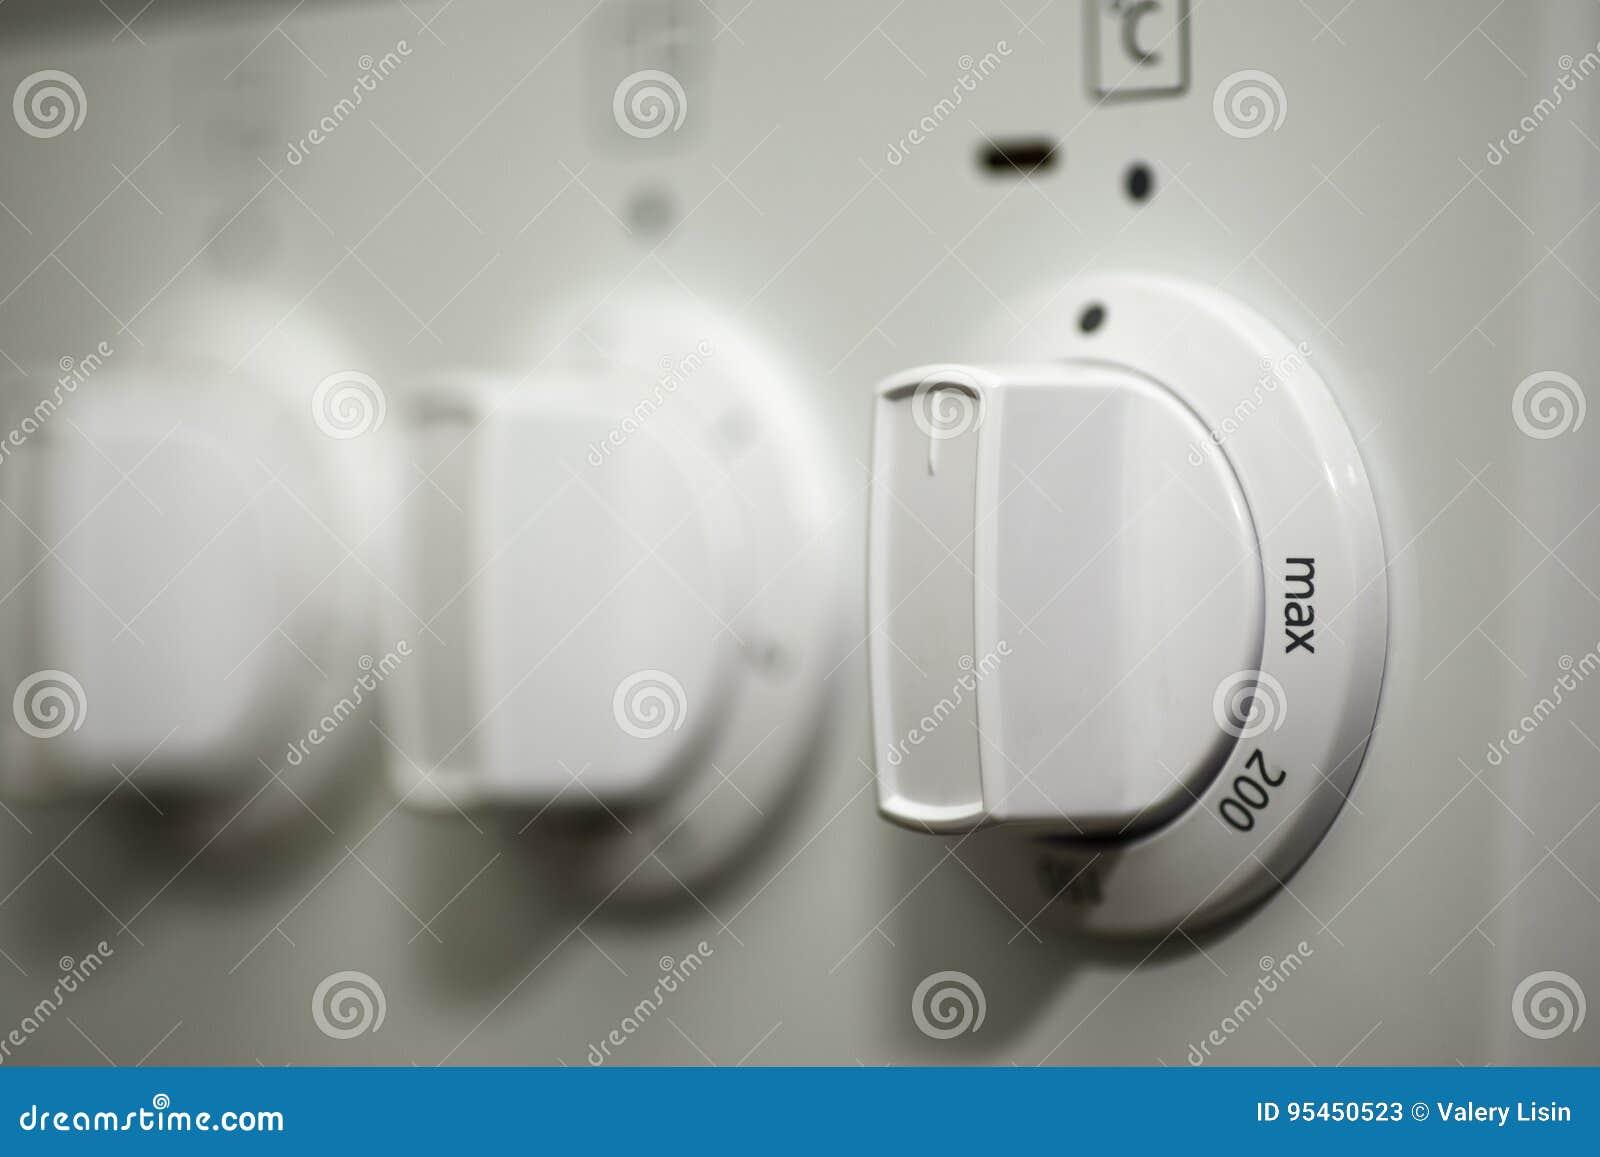 Schalten Sie den elektrischen Ofen an